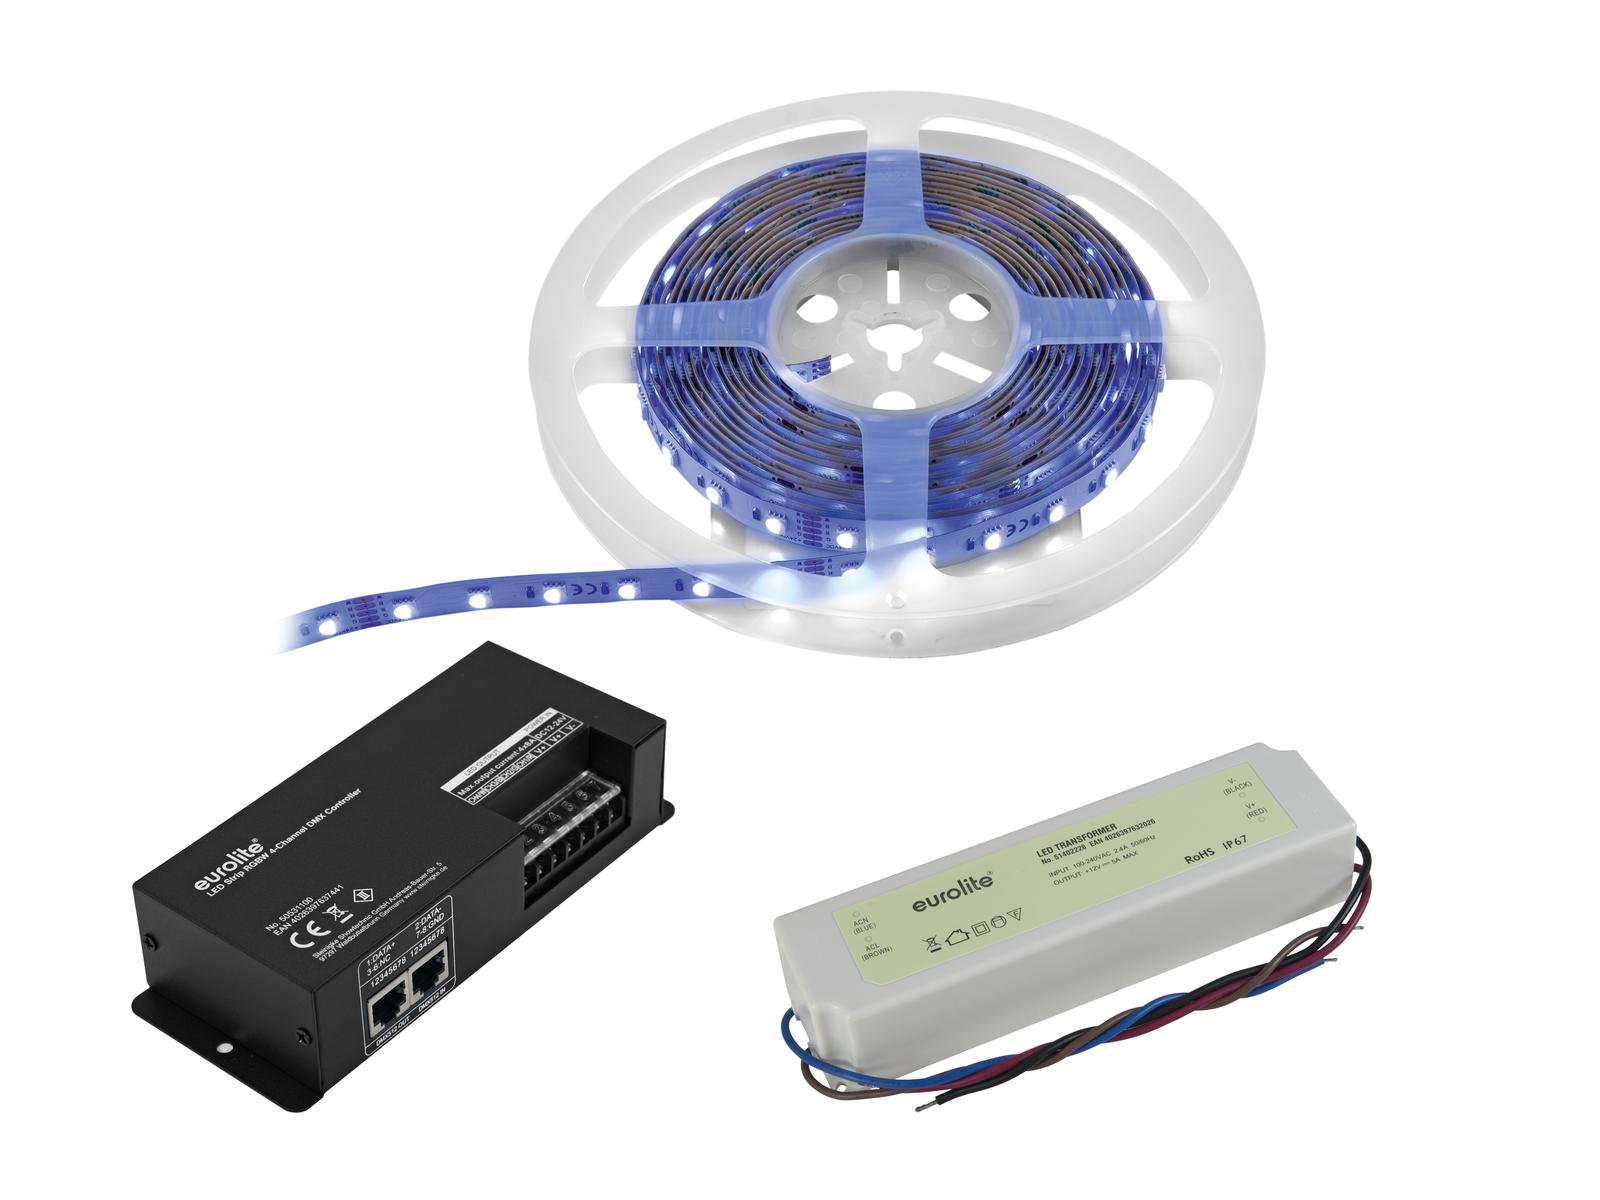 EUROLITE LED di Set Striscia RGBWW 5m + Controller DMX + Trasformatore 2